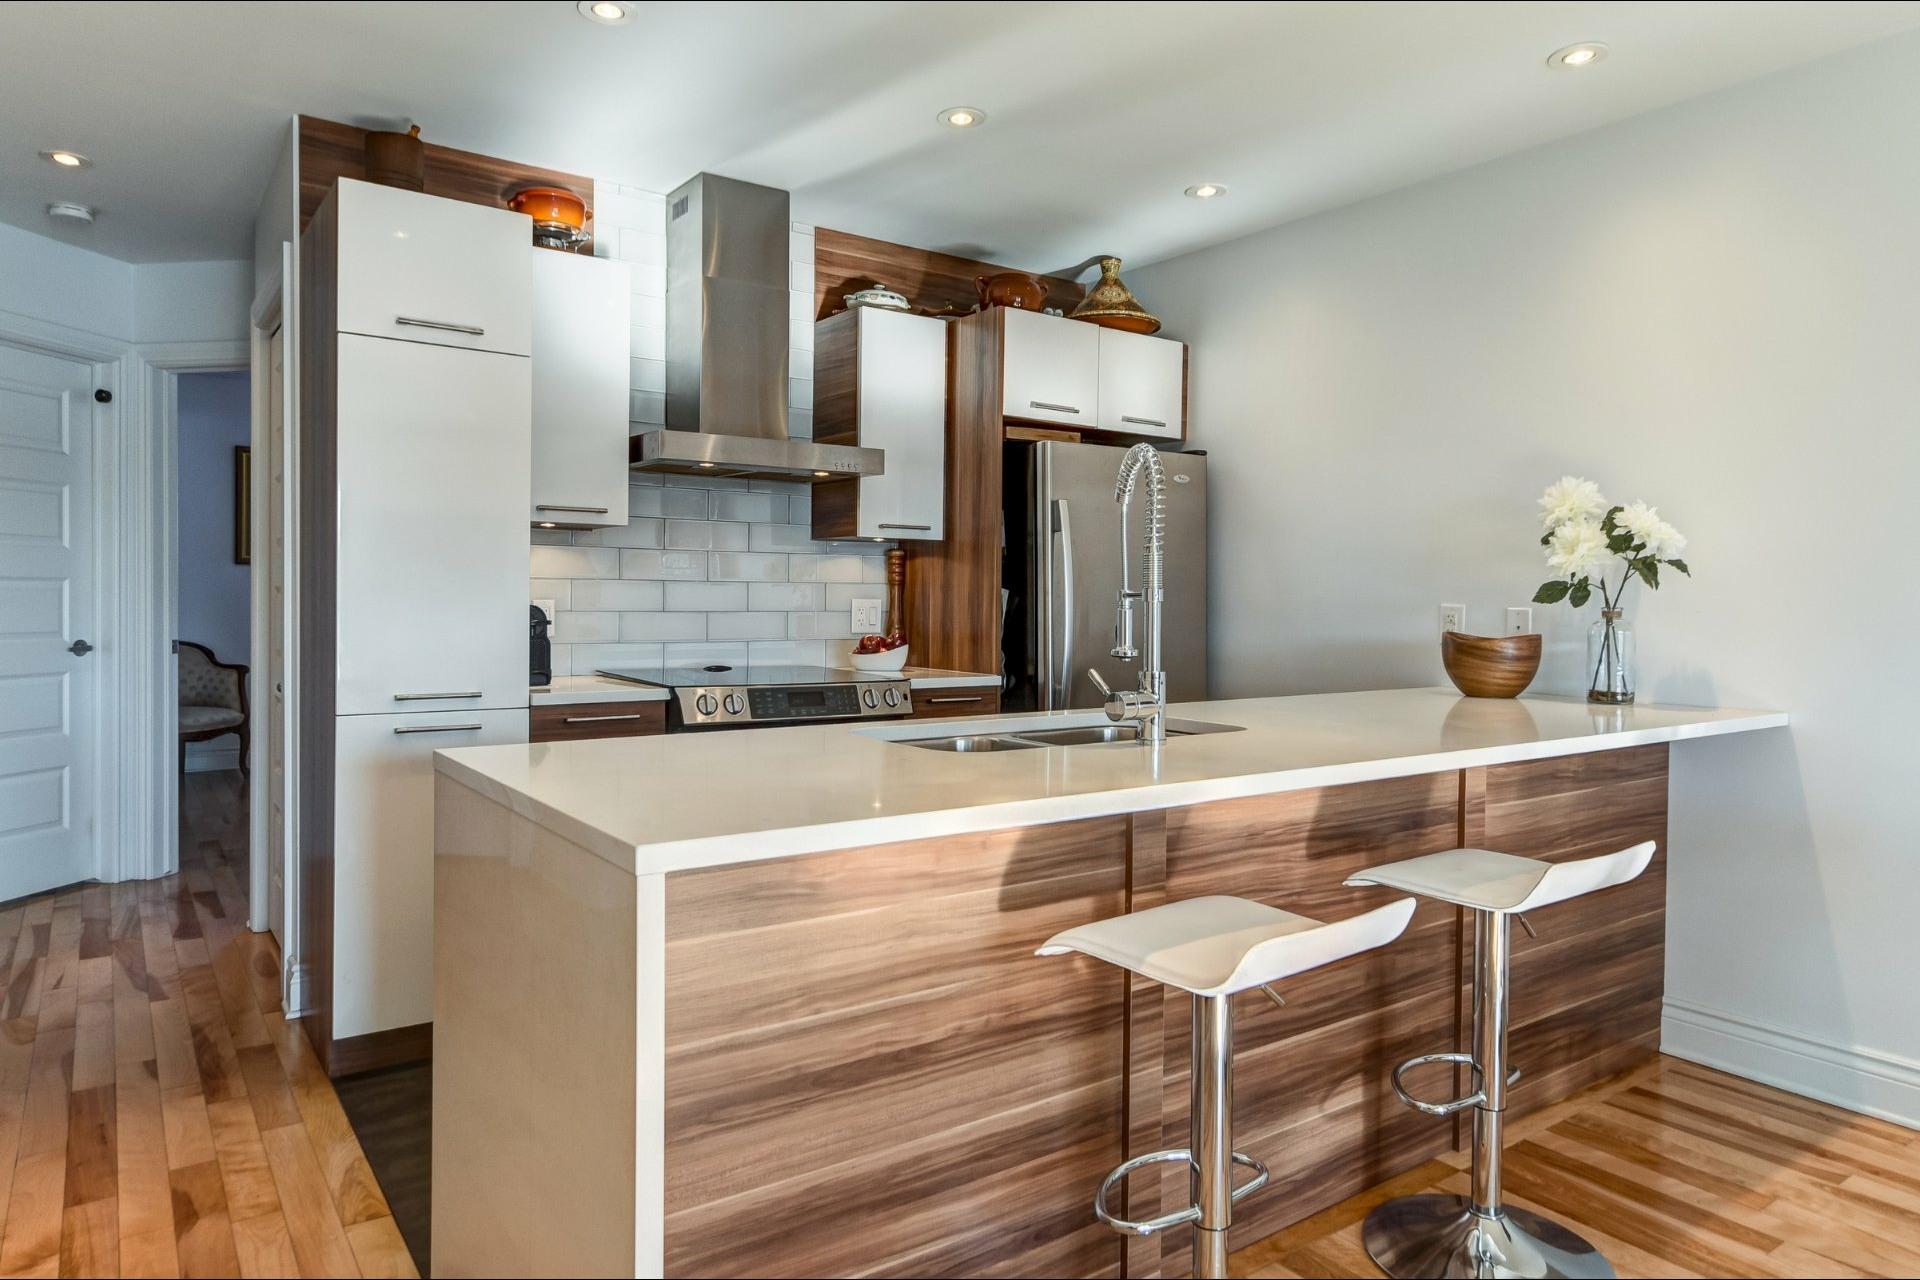 image 8 - Appartement À vendre Villeray/Saint-Michel/Parc-Extension Montréal  - 5 pièces